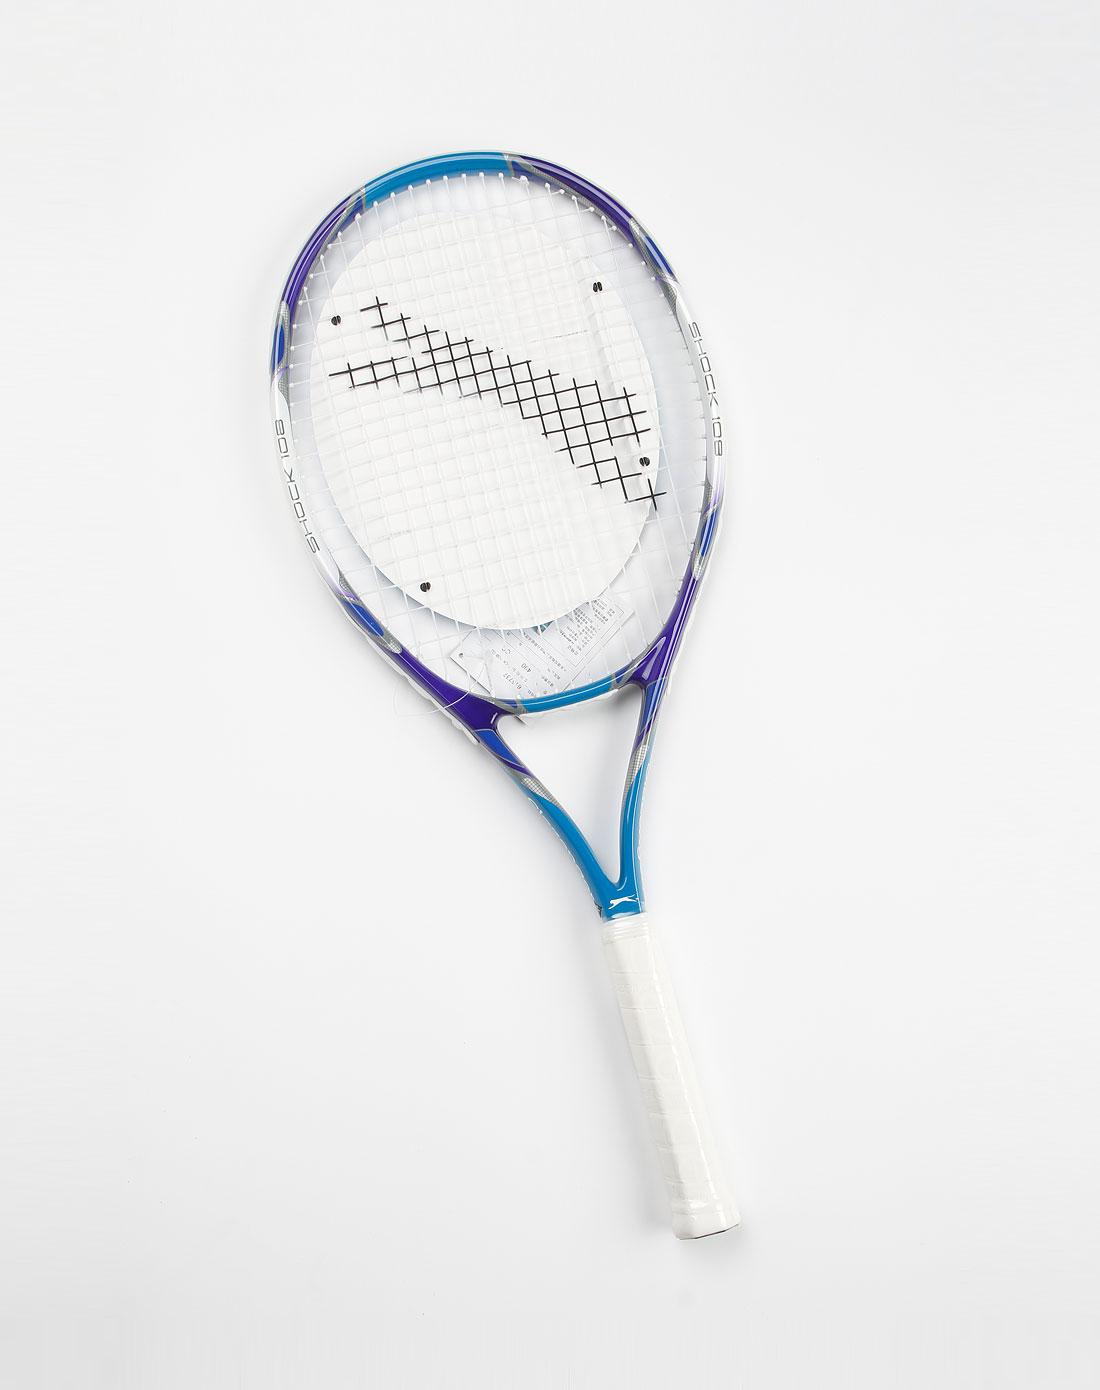 slazengertrshock108108gg22hlhl紫全程网球拍(身亡)蓝色体操不幸被爆菊穿线美女图片